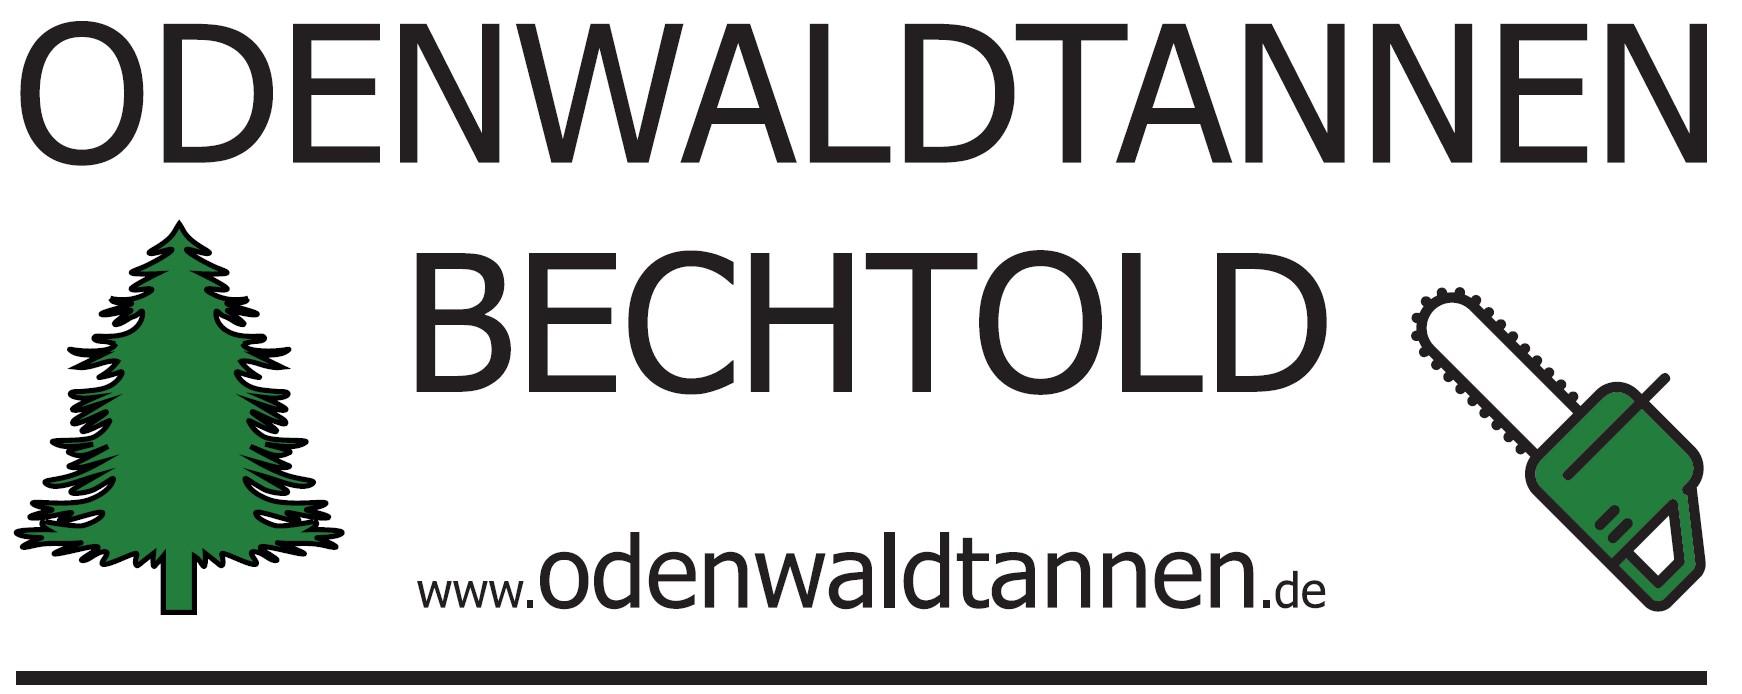 Odenwaldtannen Bechtold